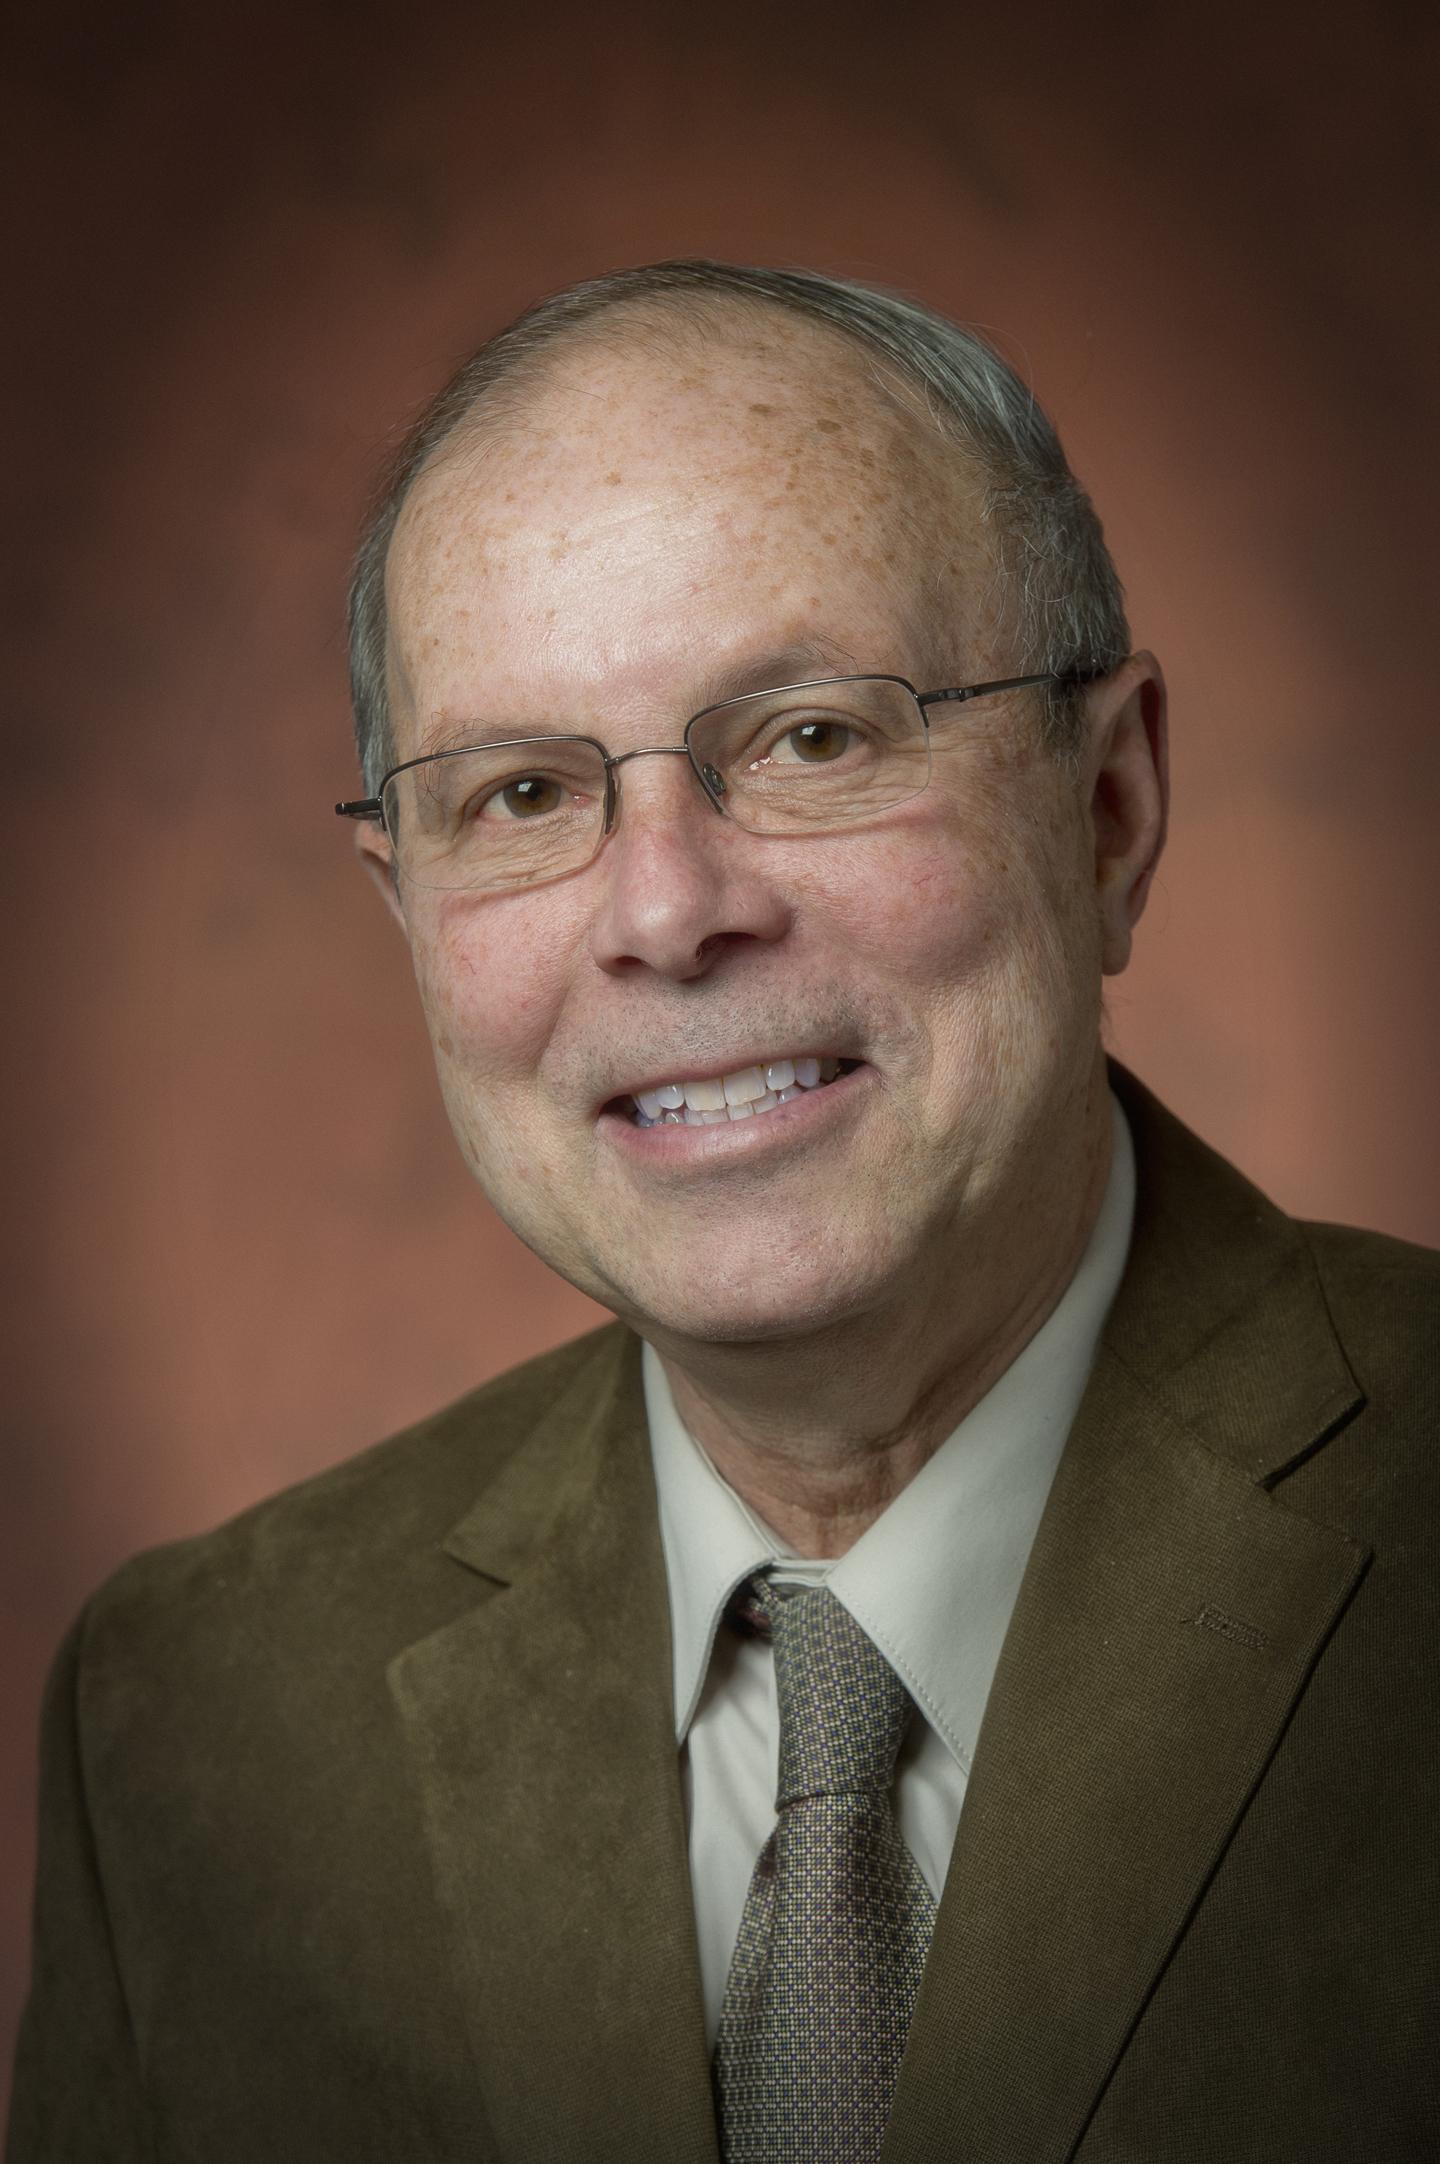 Dr. Emilio Vazquez - Lifetime Achievement